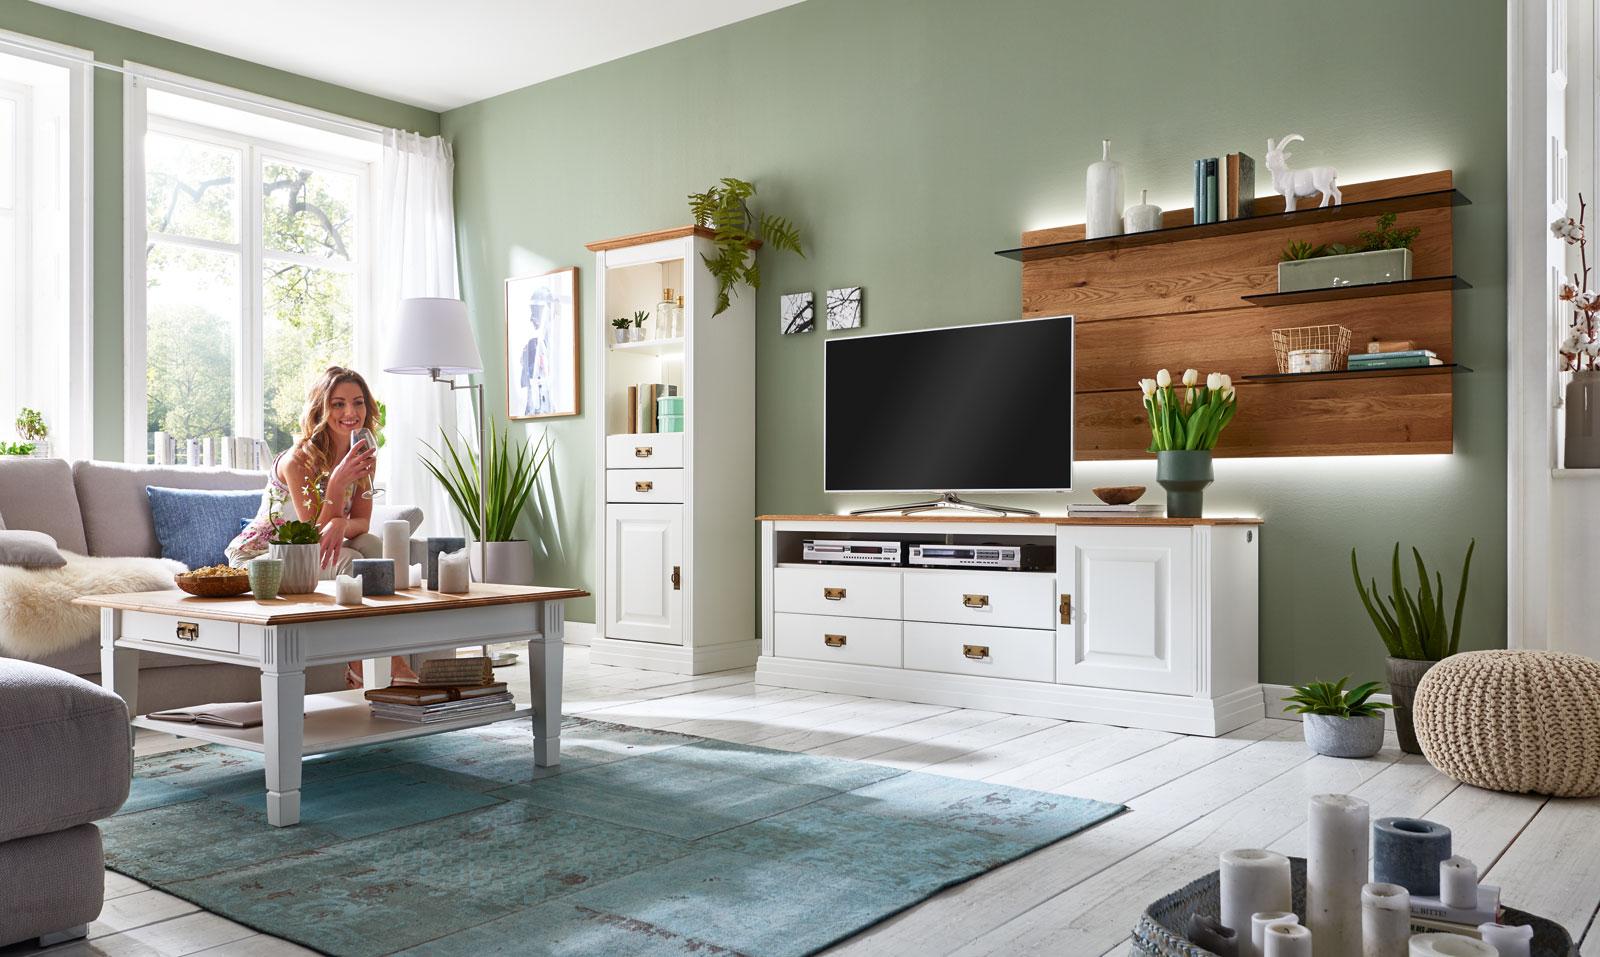 Couchtisch Wohnzimmer-Tisch Novara 130x75 cm mit Schublade Pinie Nordica  weiß Wildeiche natur massiv